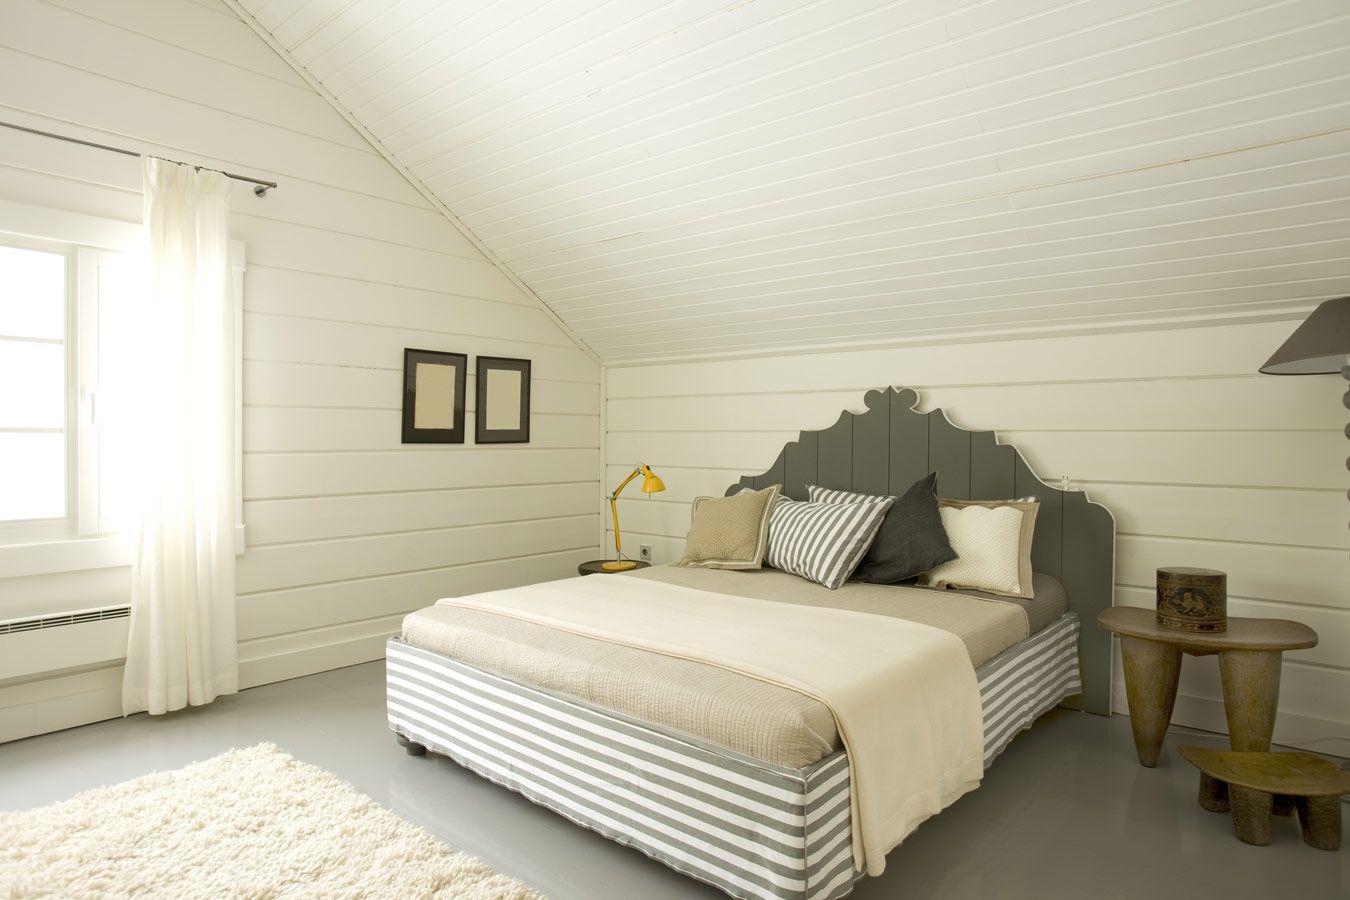 Romantische landelijke slaapkamer met houten muren slaapkamer pinterest bedrooms and house - Romantische witte bed ...